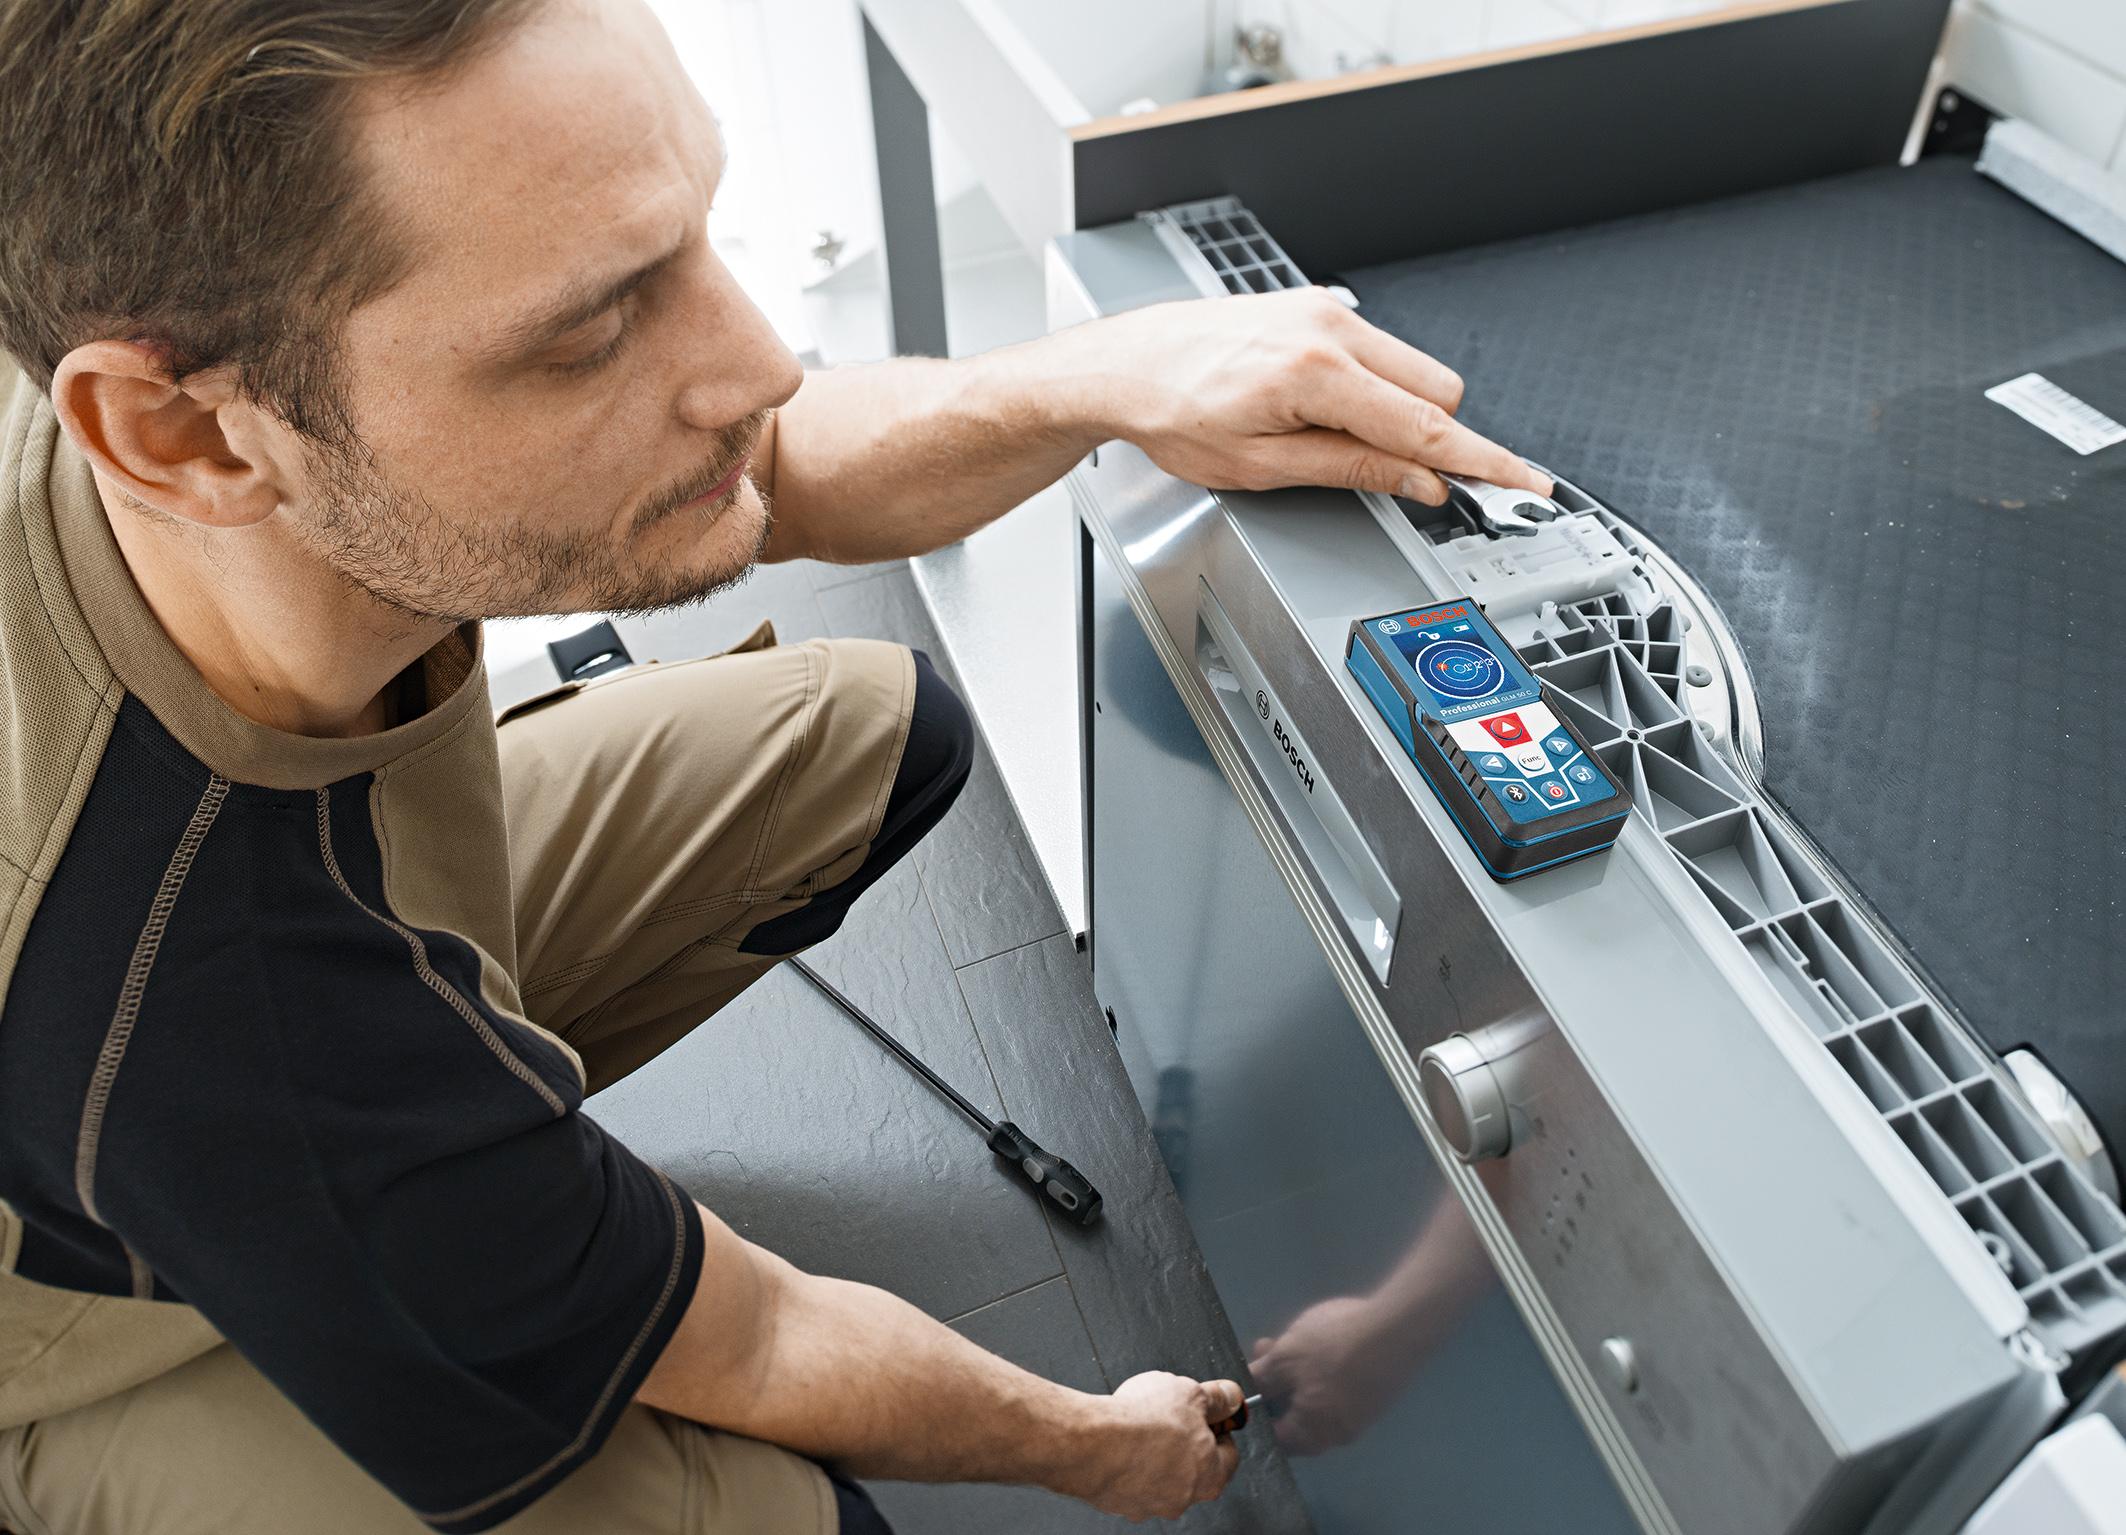 Laser Entfernungsmesser Glm 50 C Professional : Bosch laser entfernungsmesser glm c professional media